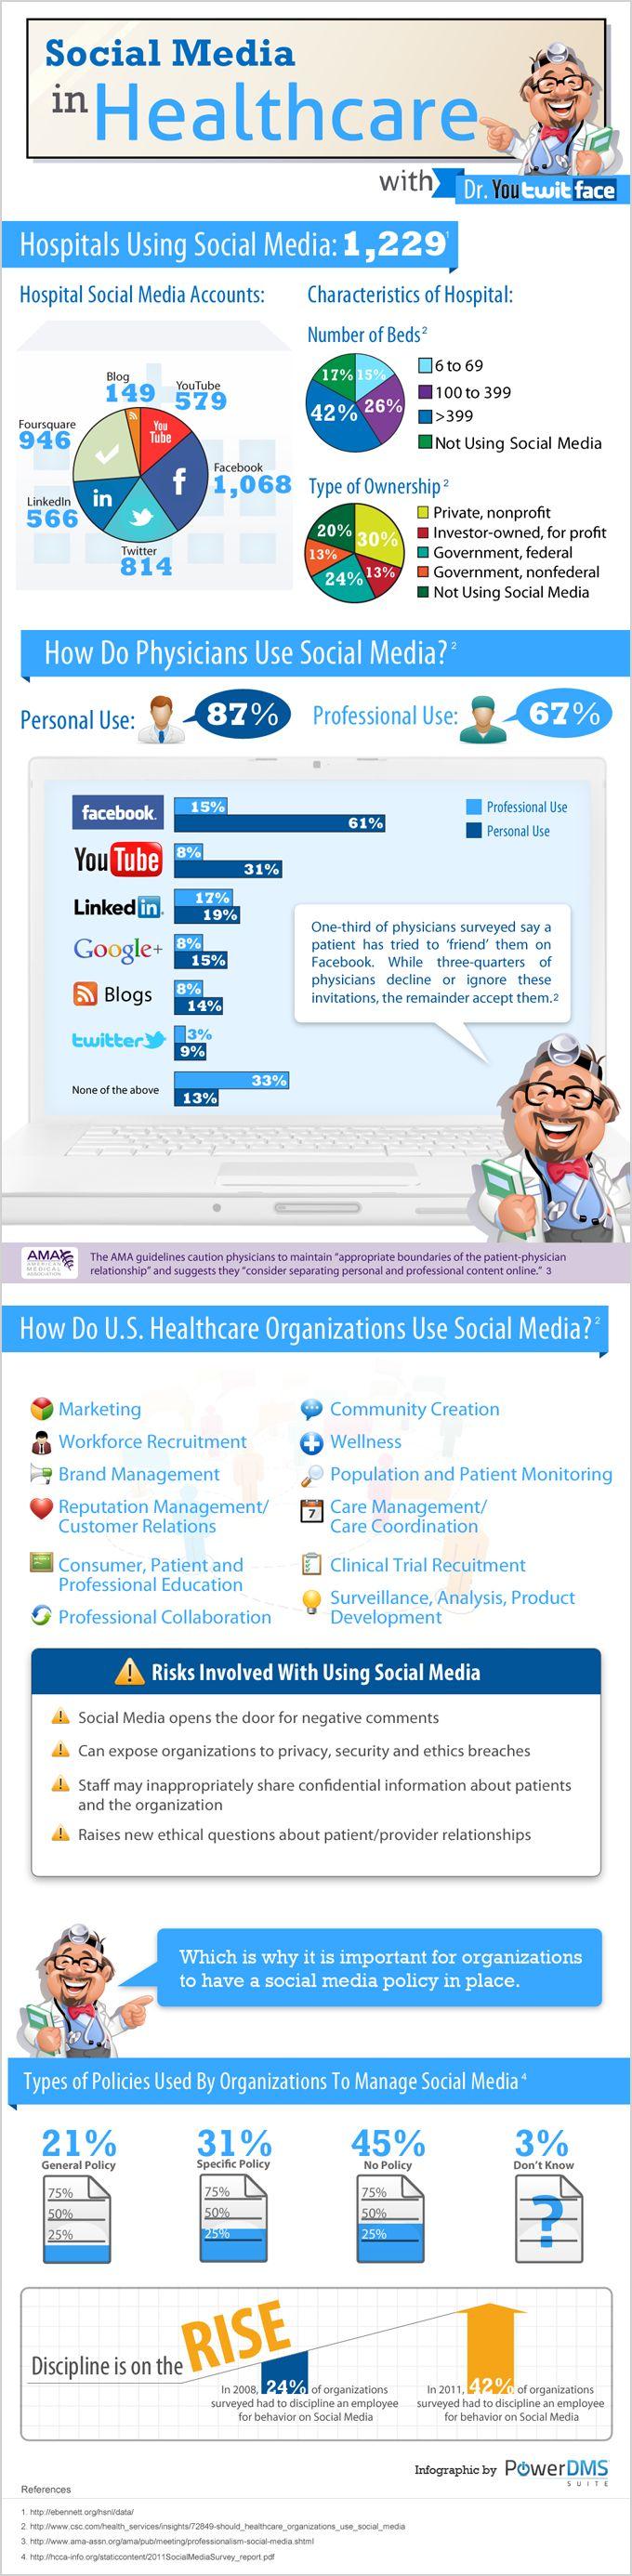 Social Media in Health Care (2012)